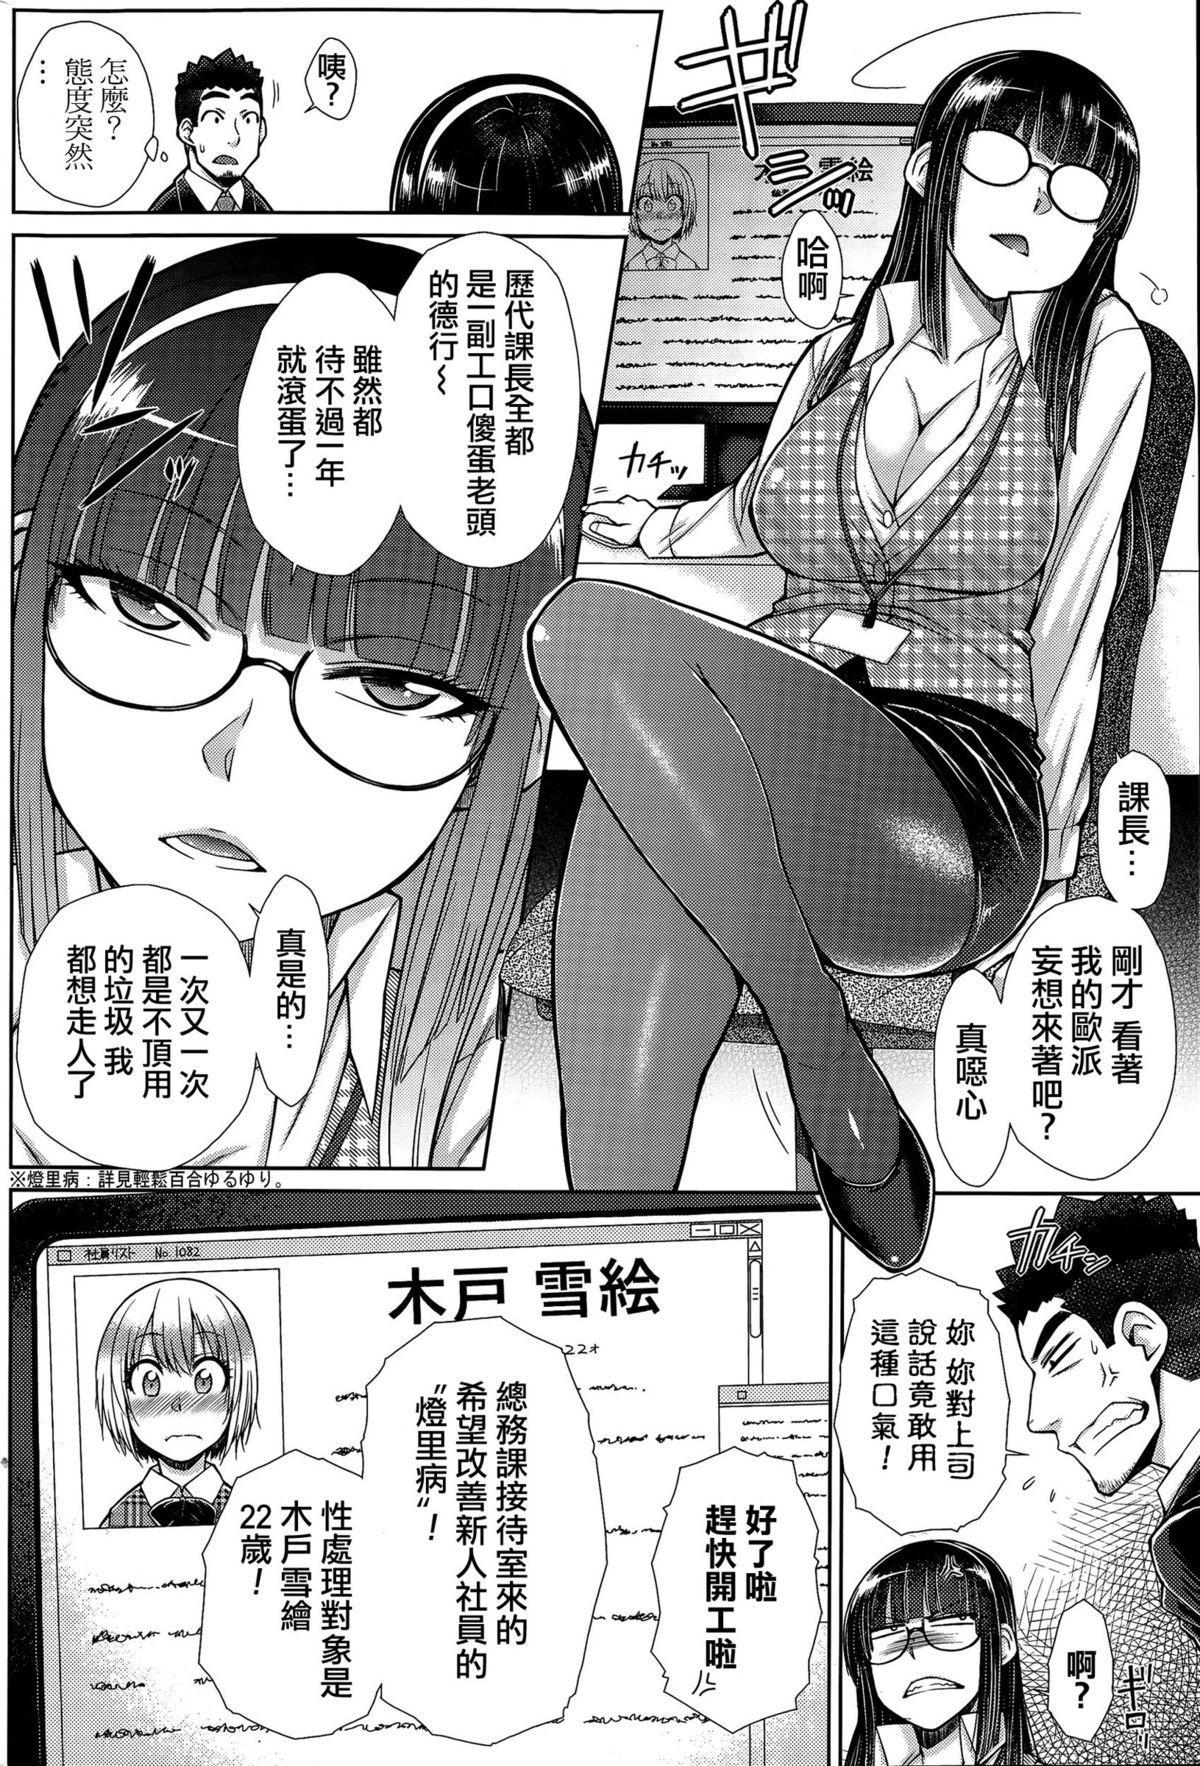 Zetsurin Danshi no Harem Seikatsu Ch. 1-5 23